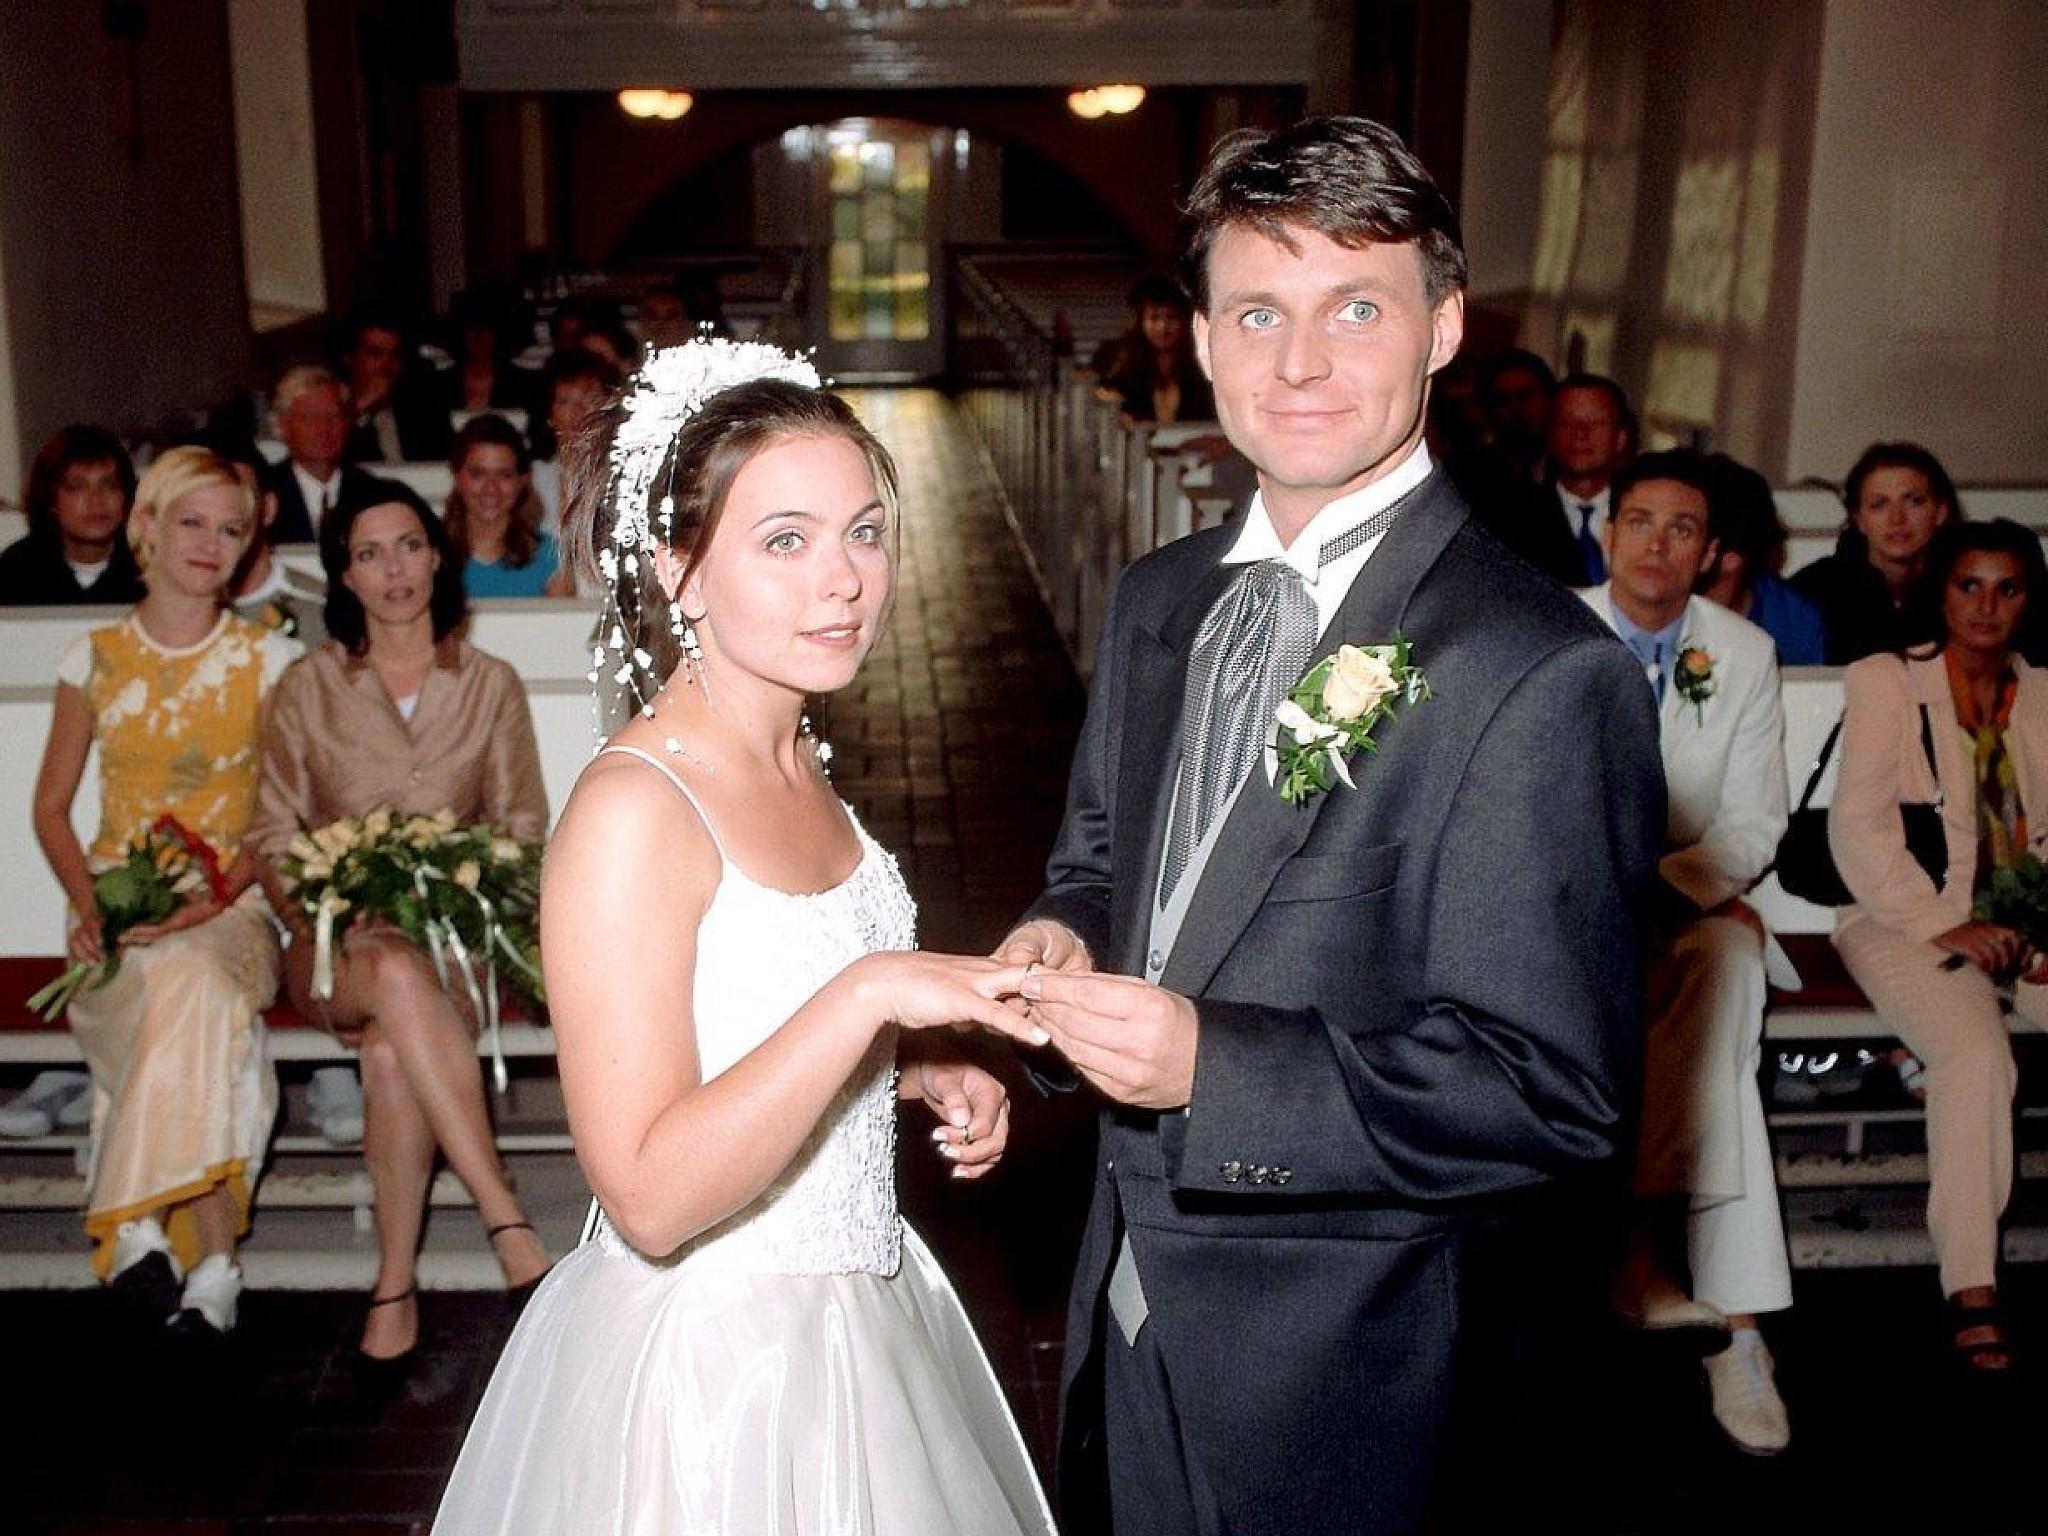 Fantastisch Weibliche Klagen Für Hochzeit Fotos - Brautkleider Ideen ...